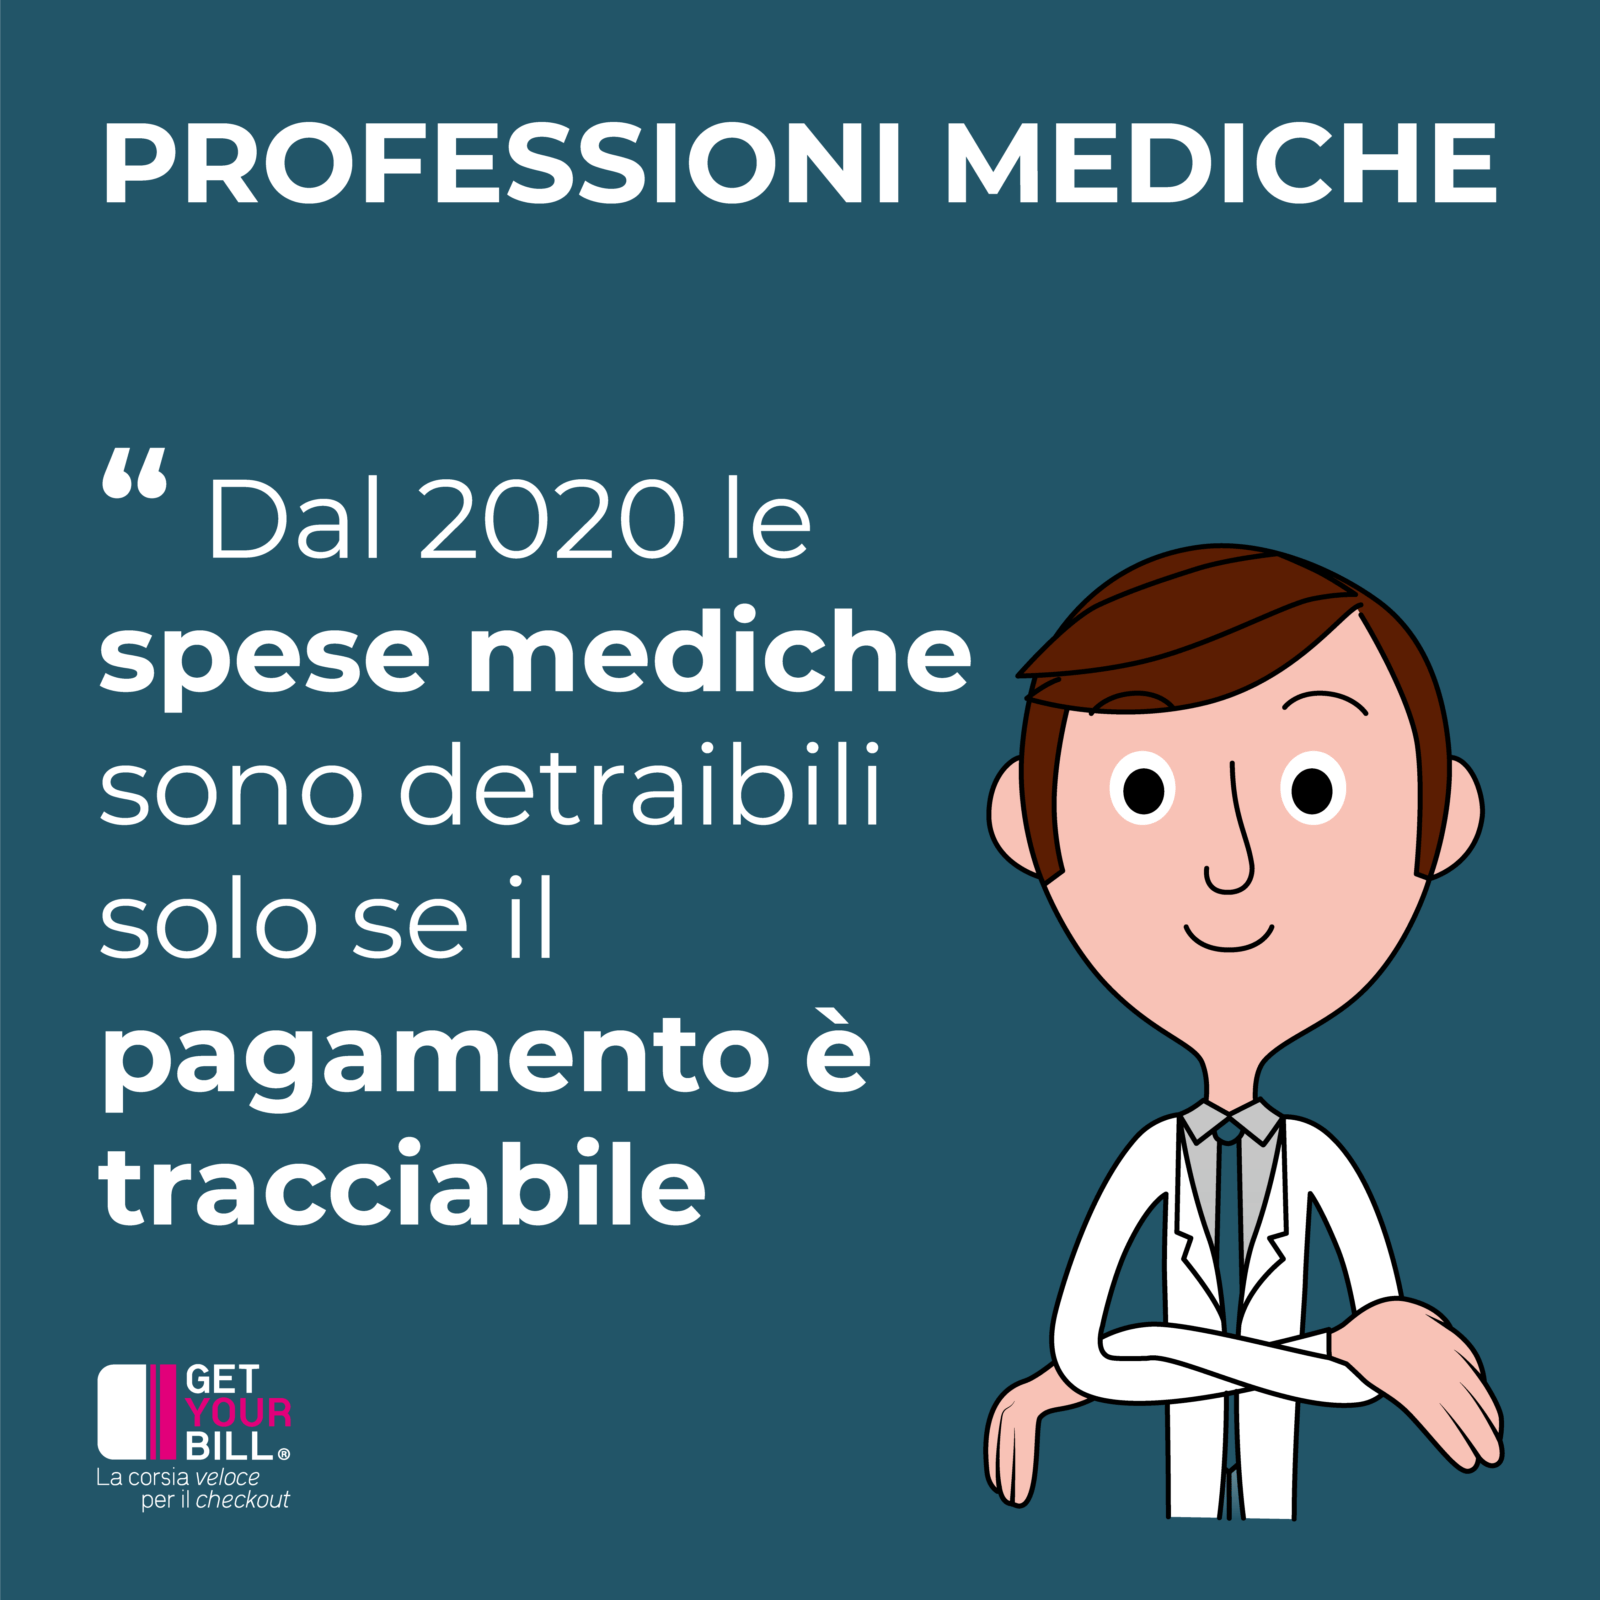 Post Instagram - professioni mediche